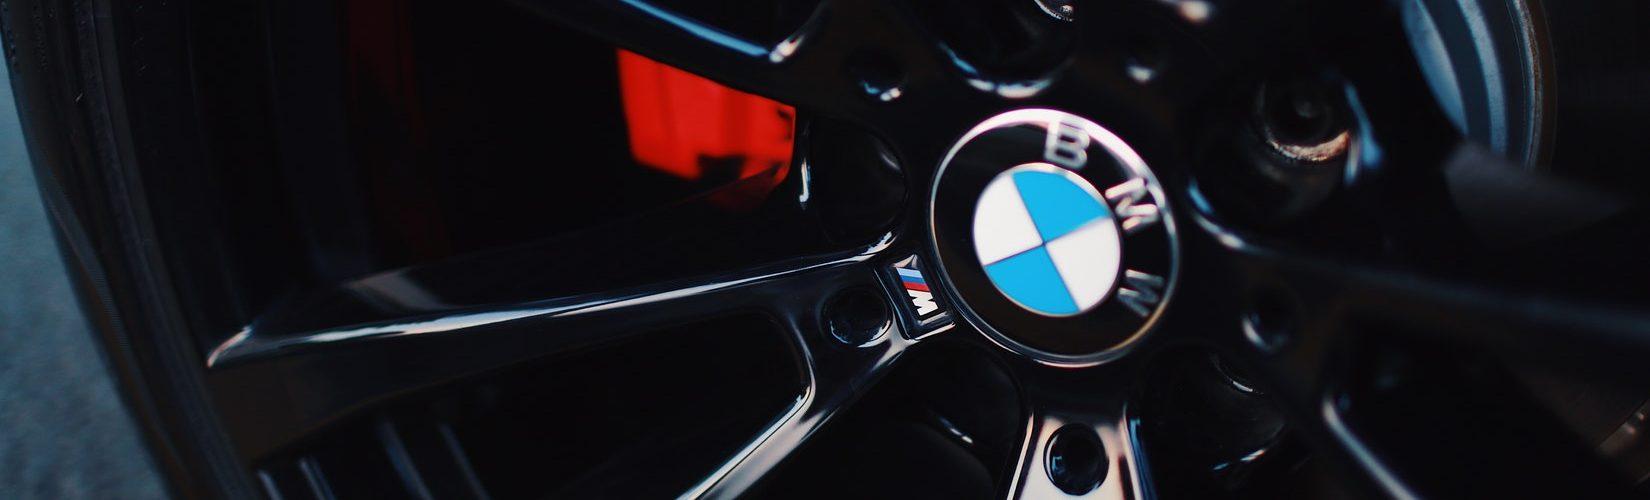 BMW velg